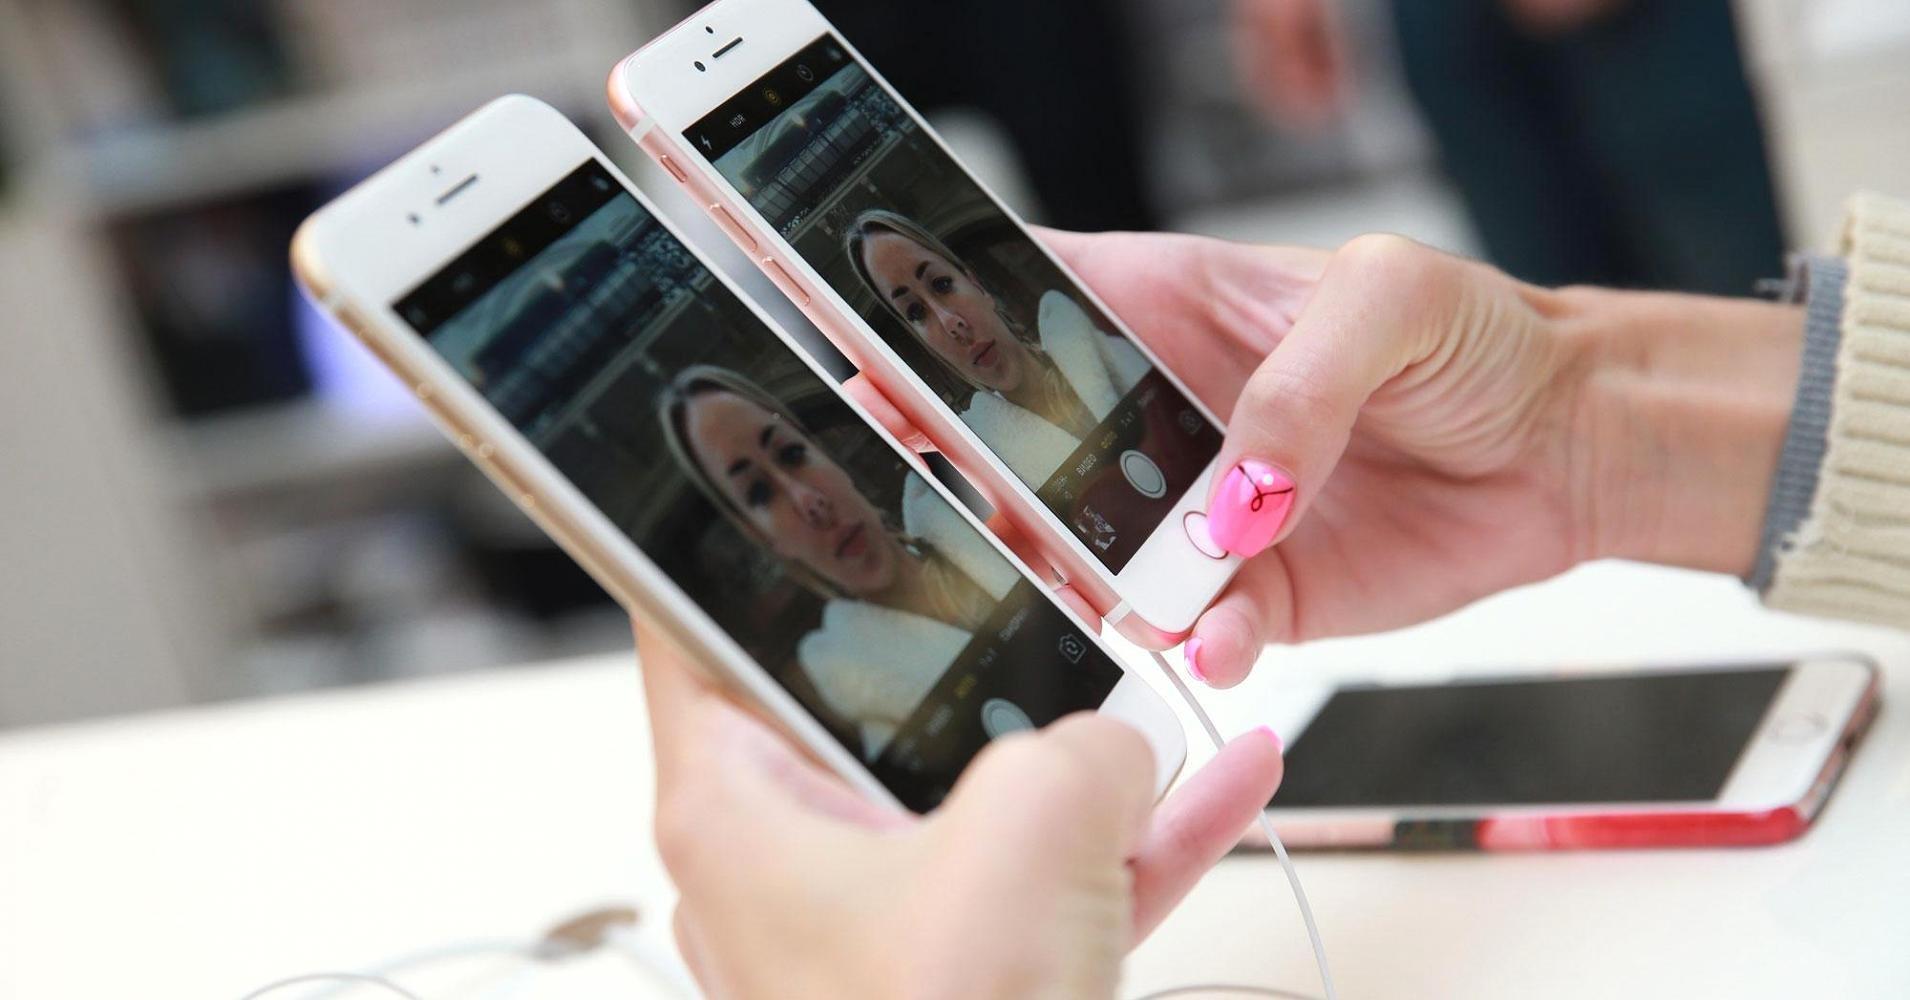 Apple реализует в Российской Федерации сотни iPhone вдень попрограмме Trade-in